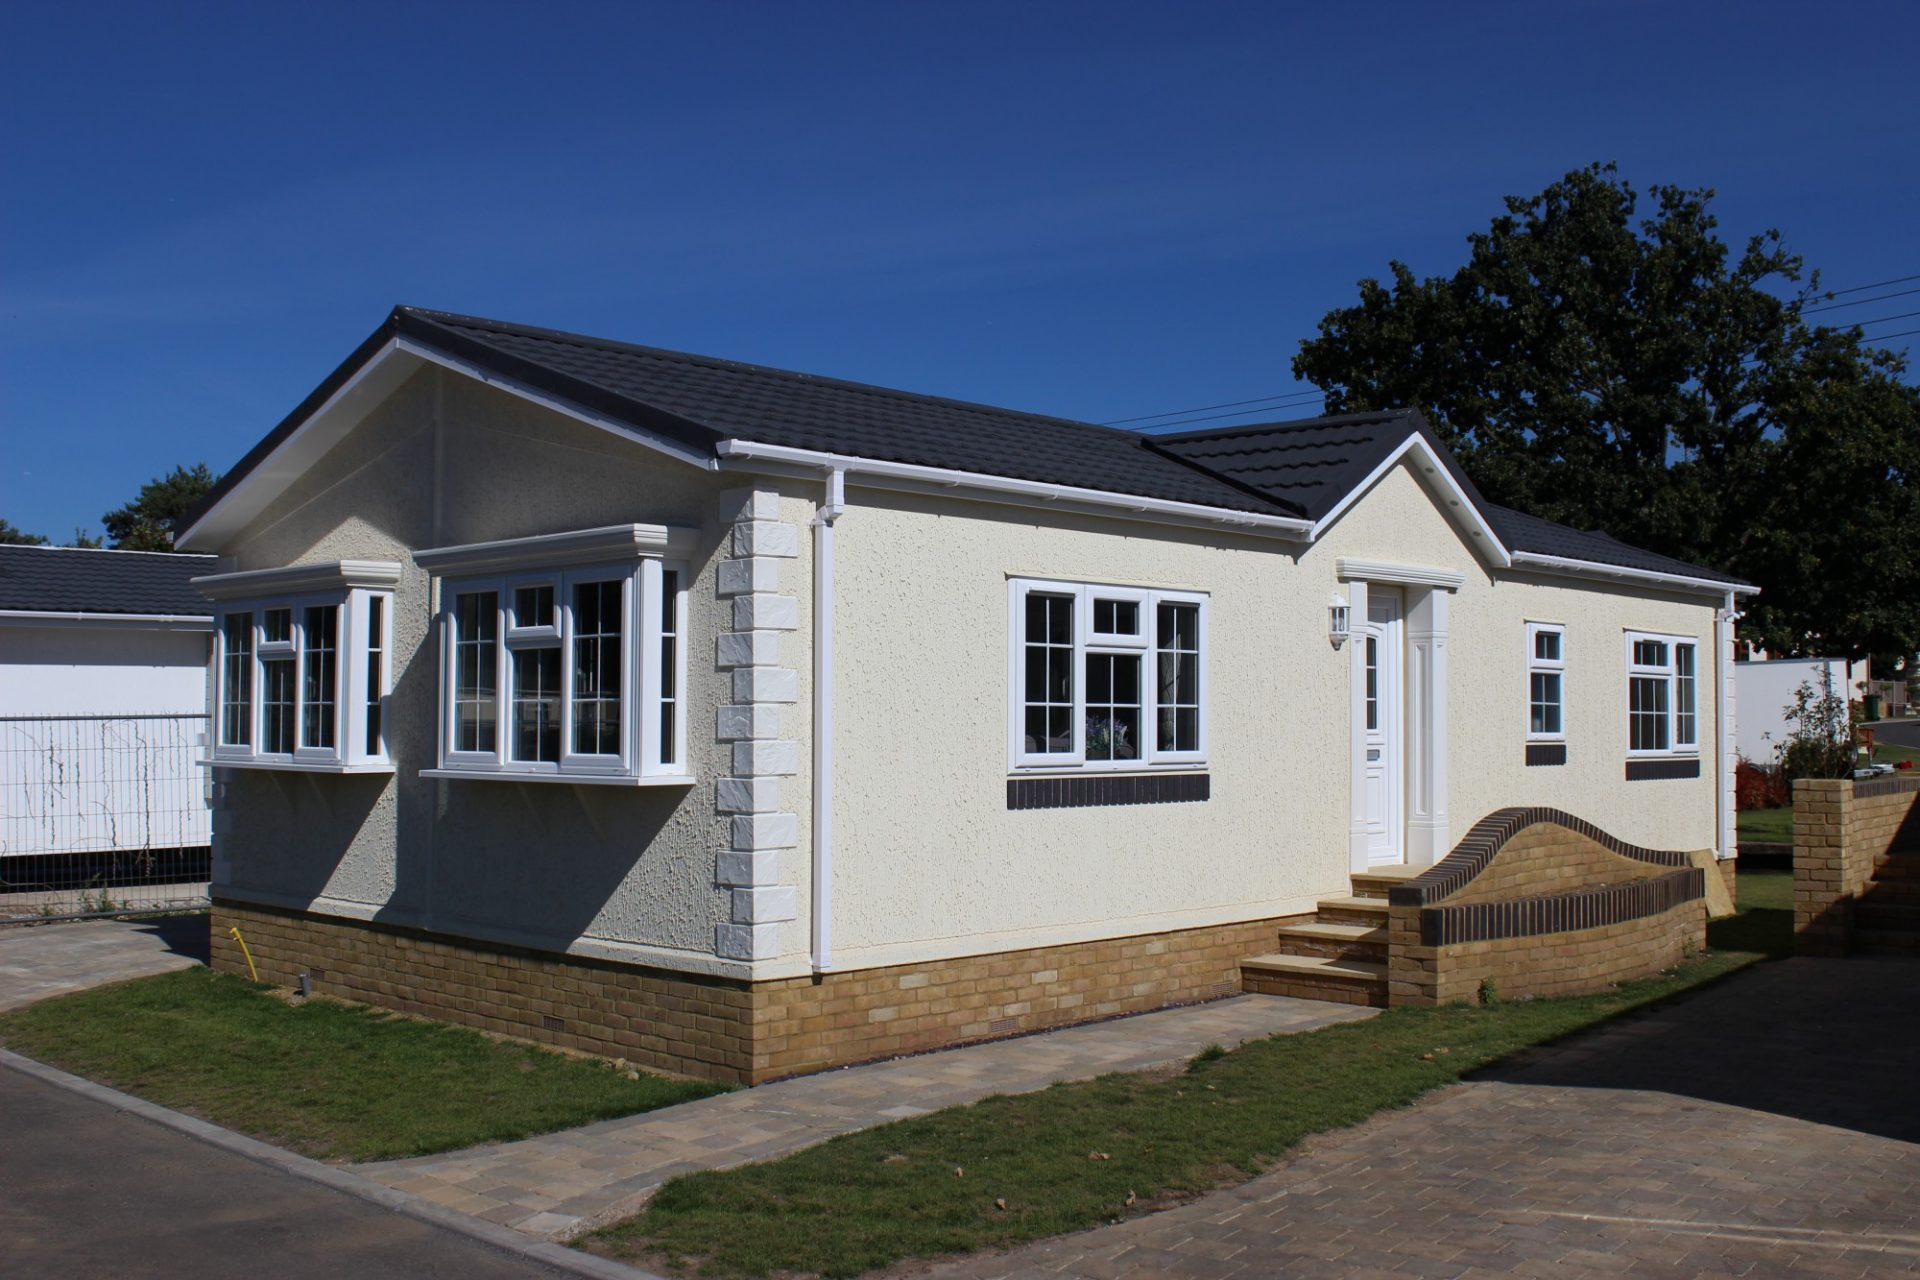 royalelife development new forest glades Omar regency exterior park home